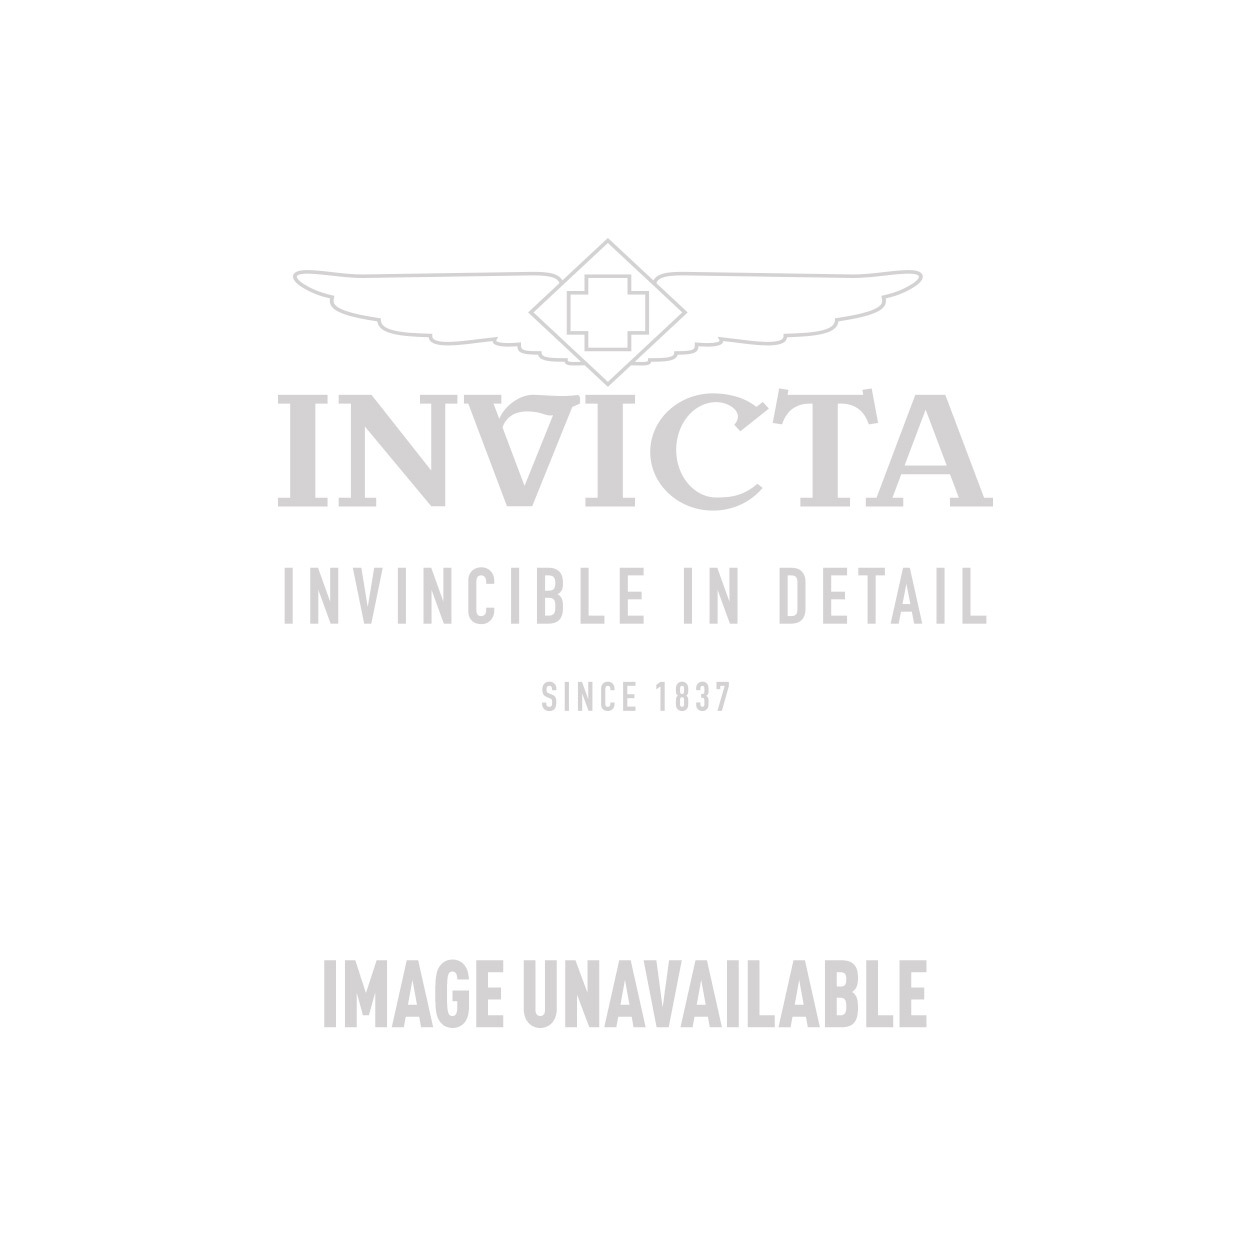 Invicta Model 29618